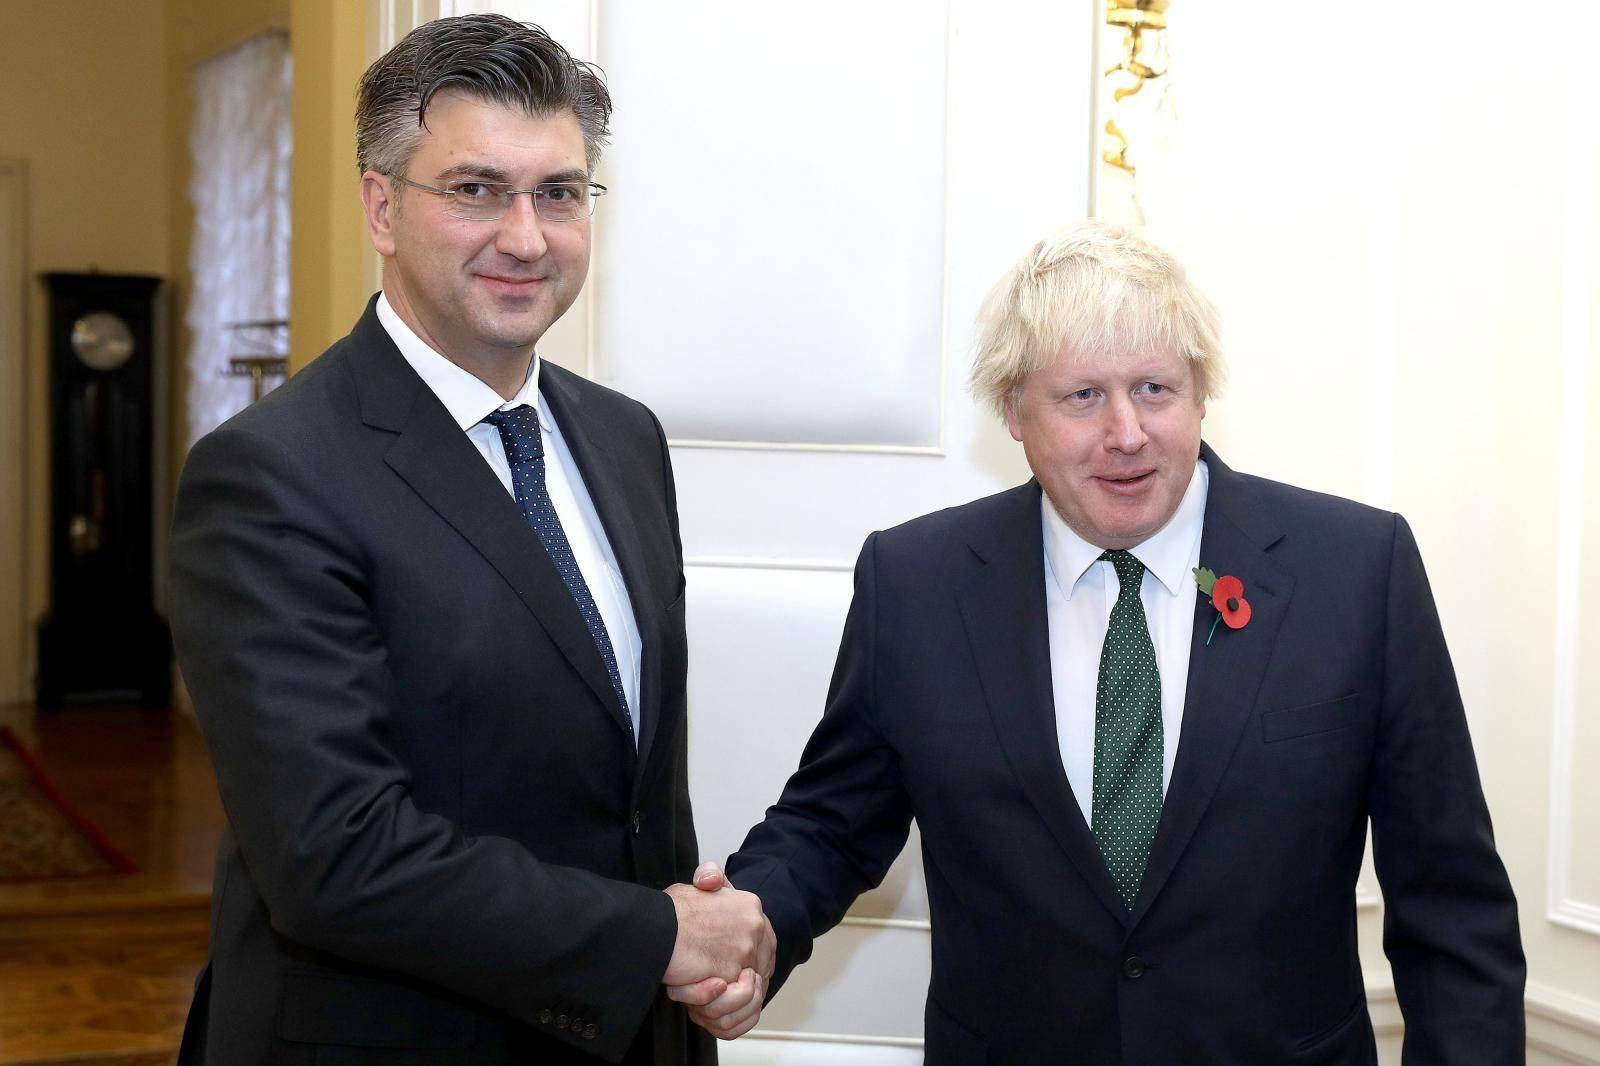 Borise, želite izaći iz EU? Gdje su pečat, biljezi, gruntovnica?